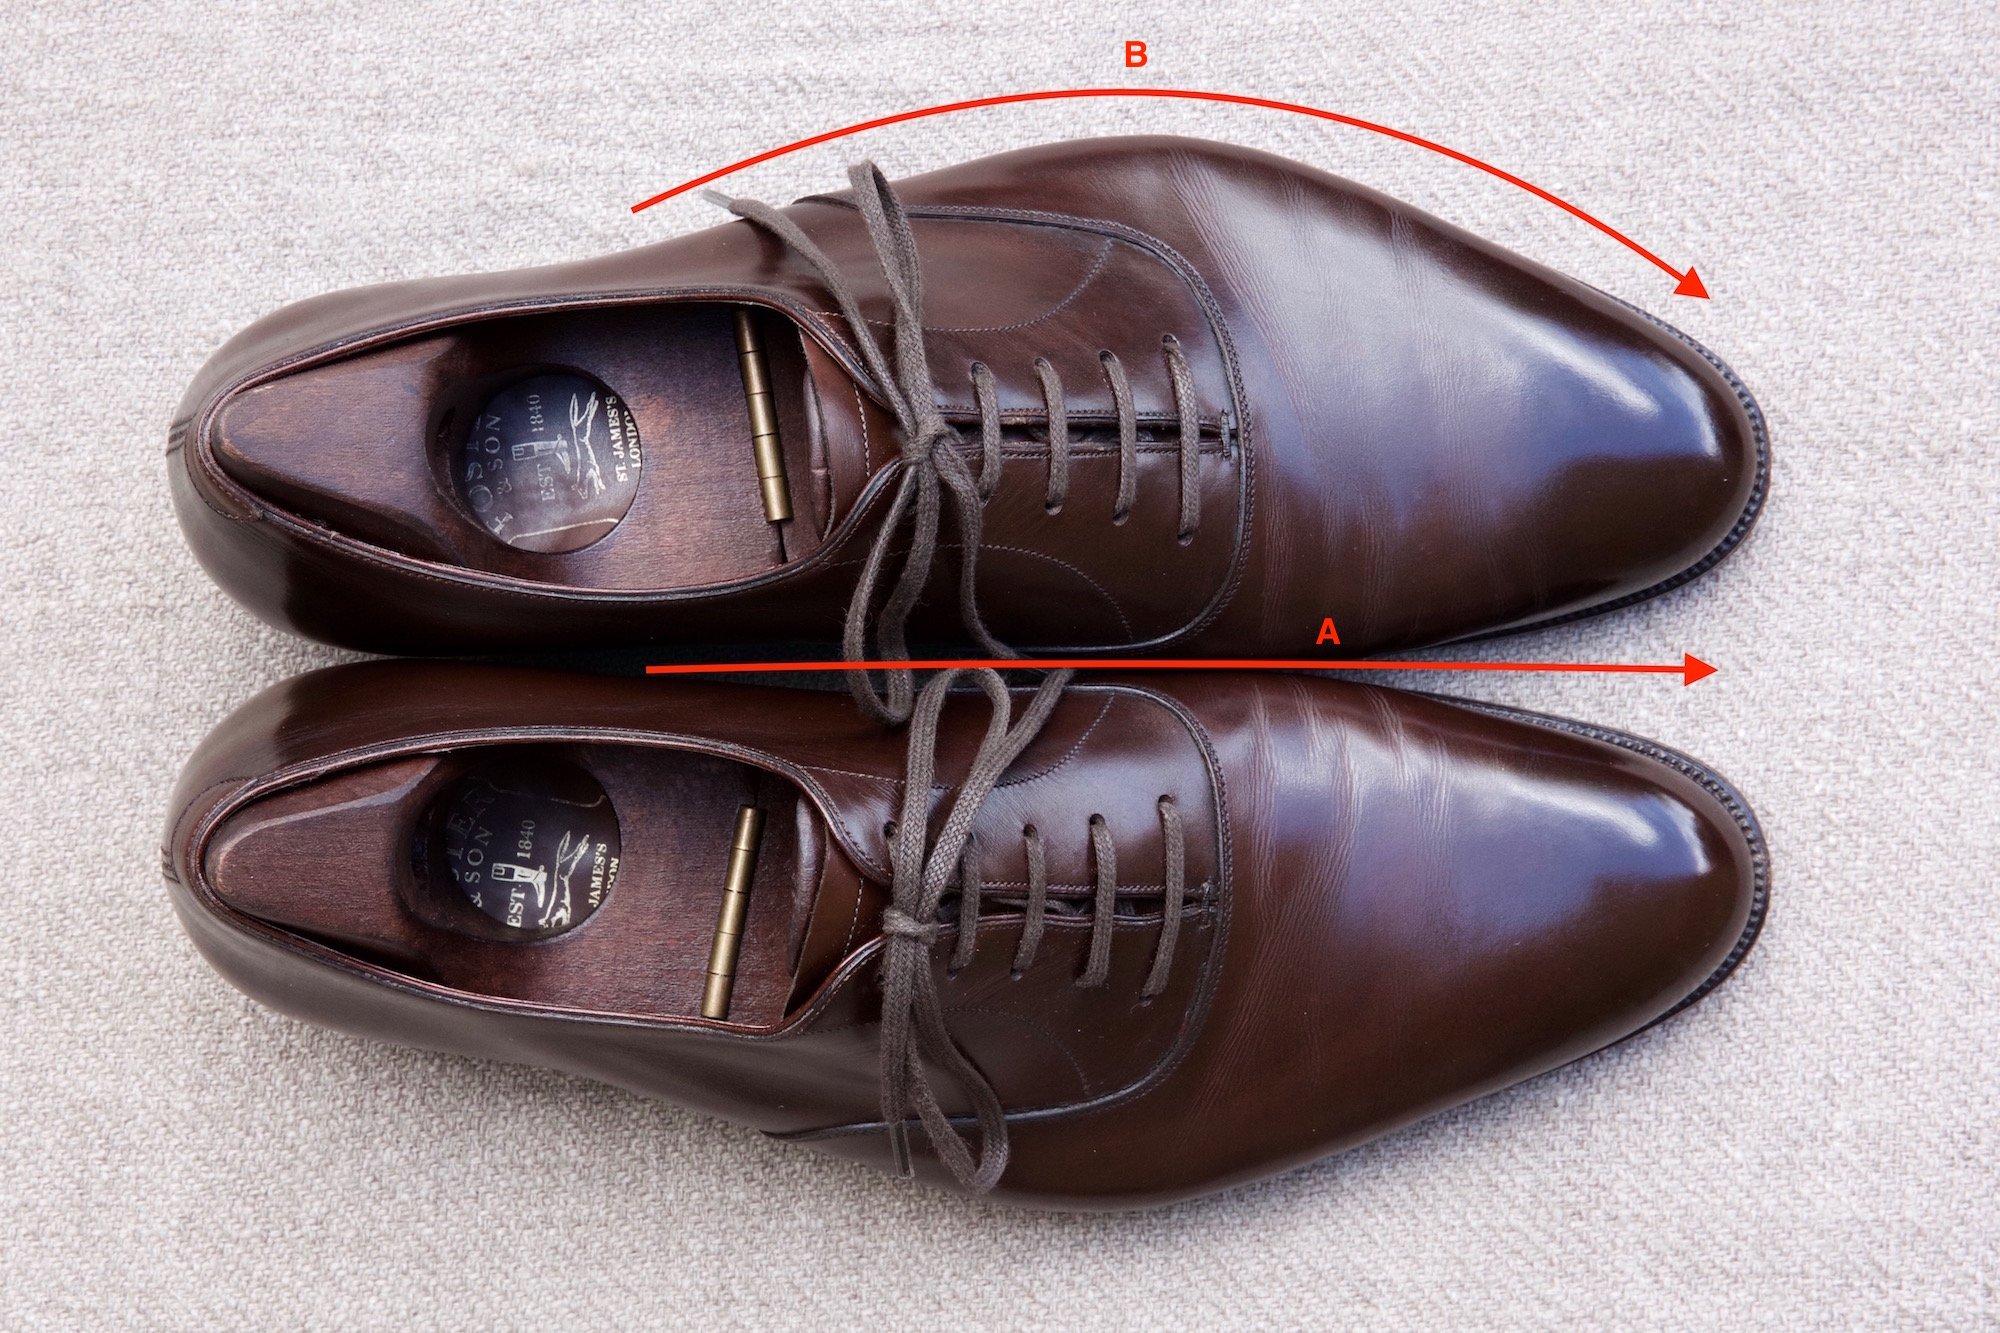 Foster & Son bespoke shoe last shape